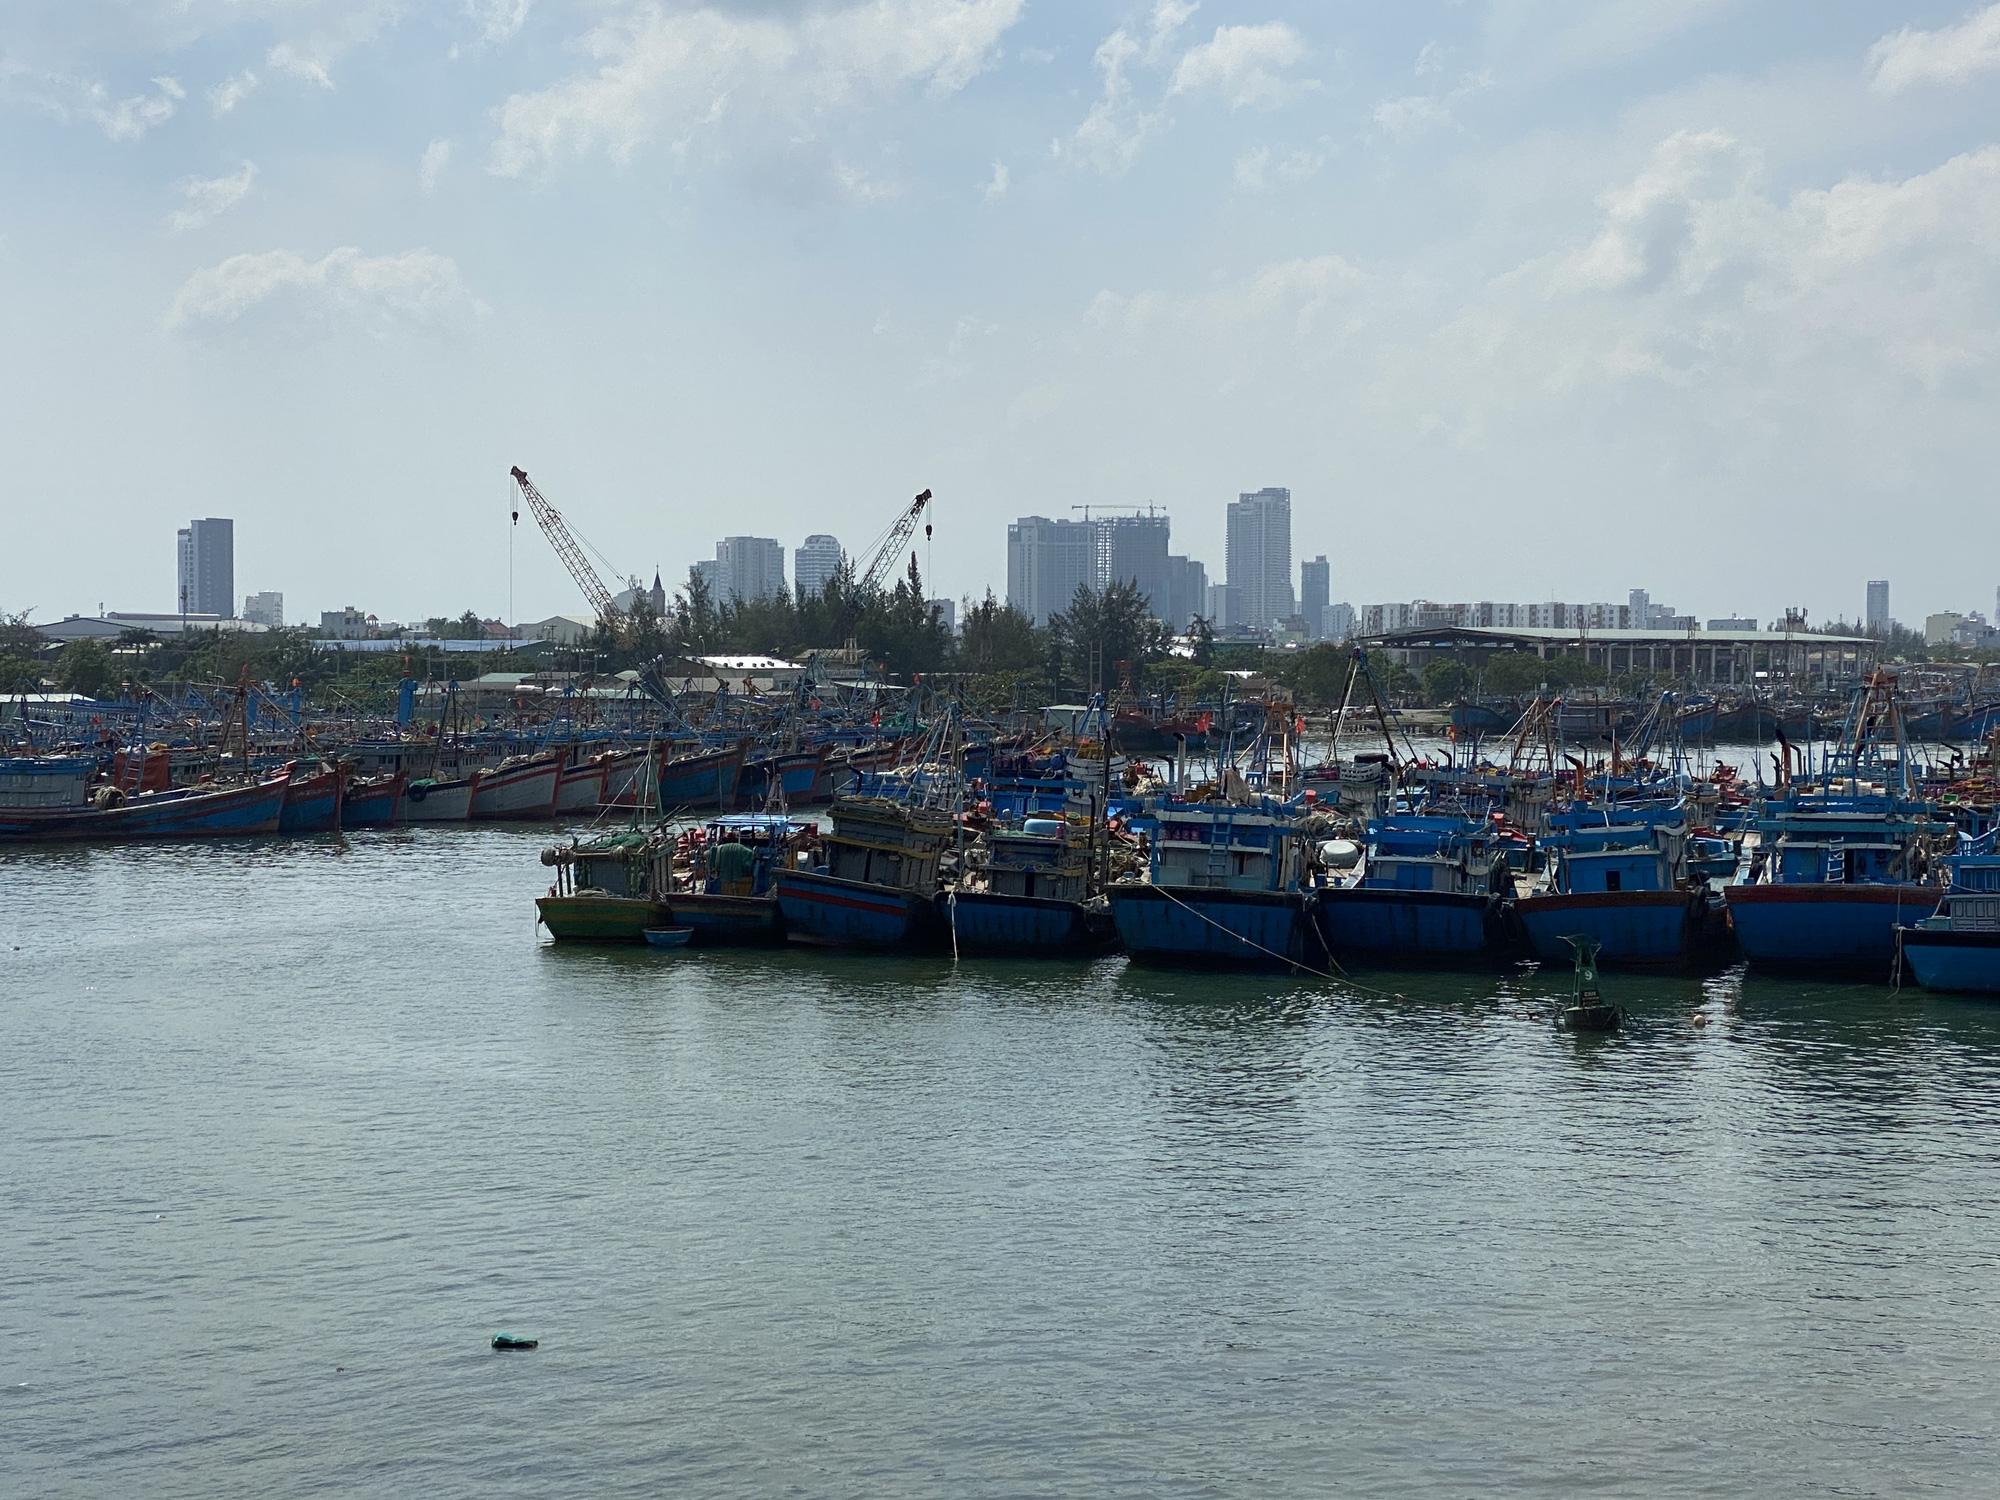 Đà Nẵng: Đường Việt Corp trúng liên tiếp 2 gói thầu xây lắp ở cảng cá Thọ Quang - Ảnh 1.